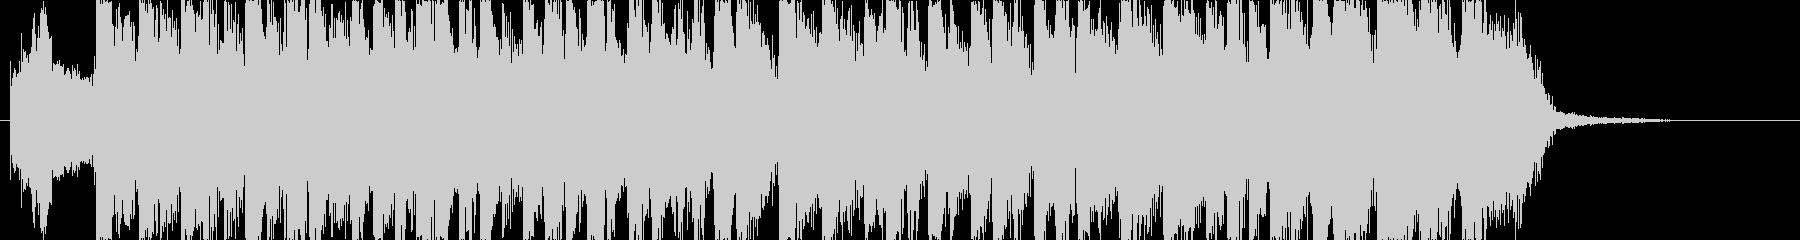 元気なかわいい雰囲気なエレクトロポップの未再生の波形